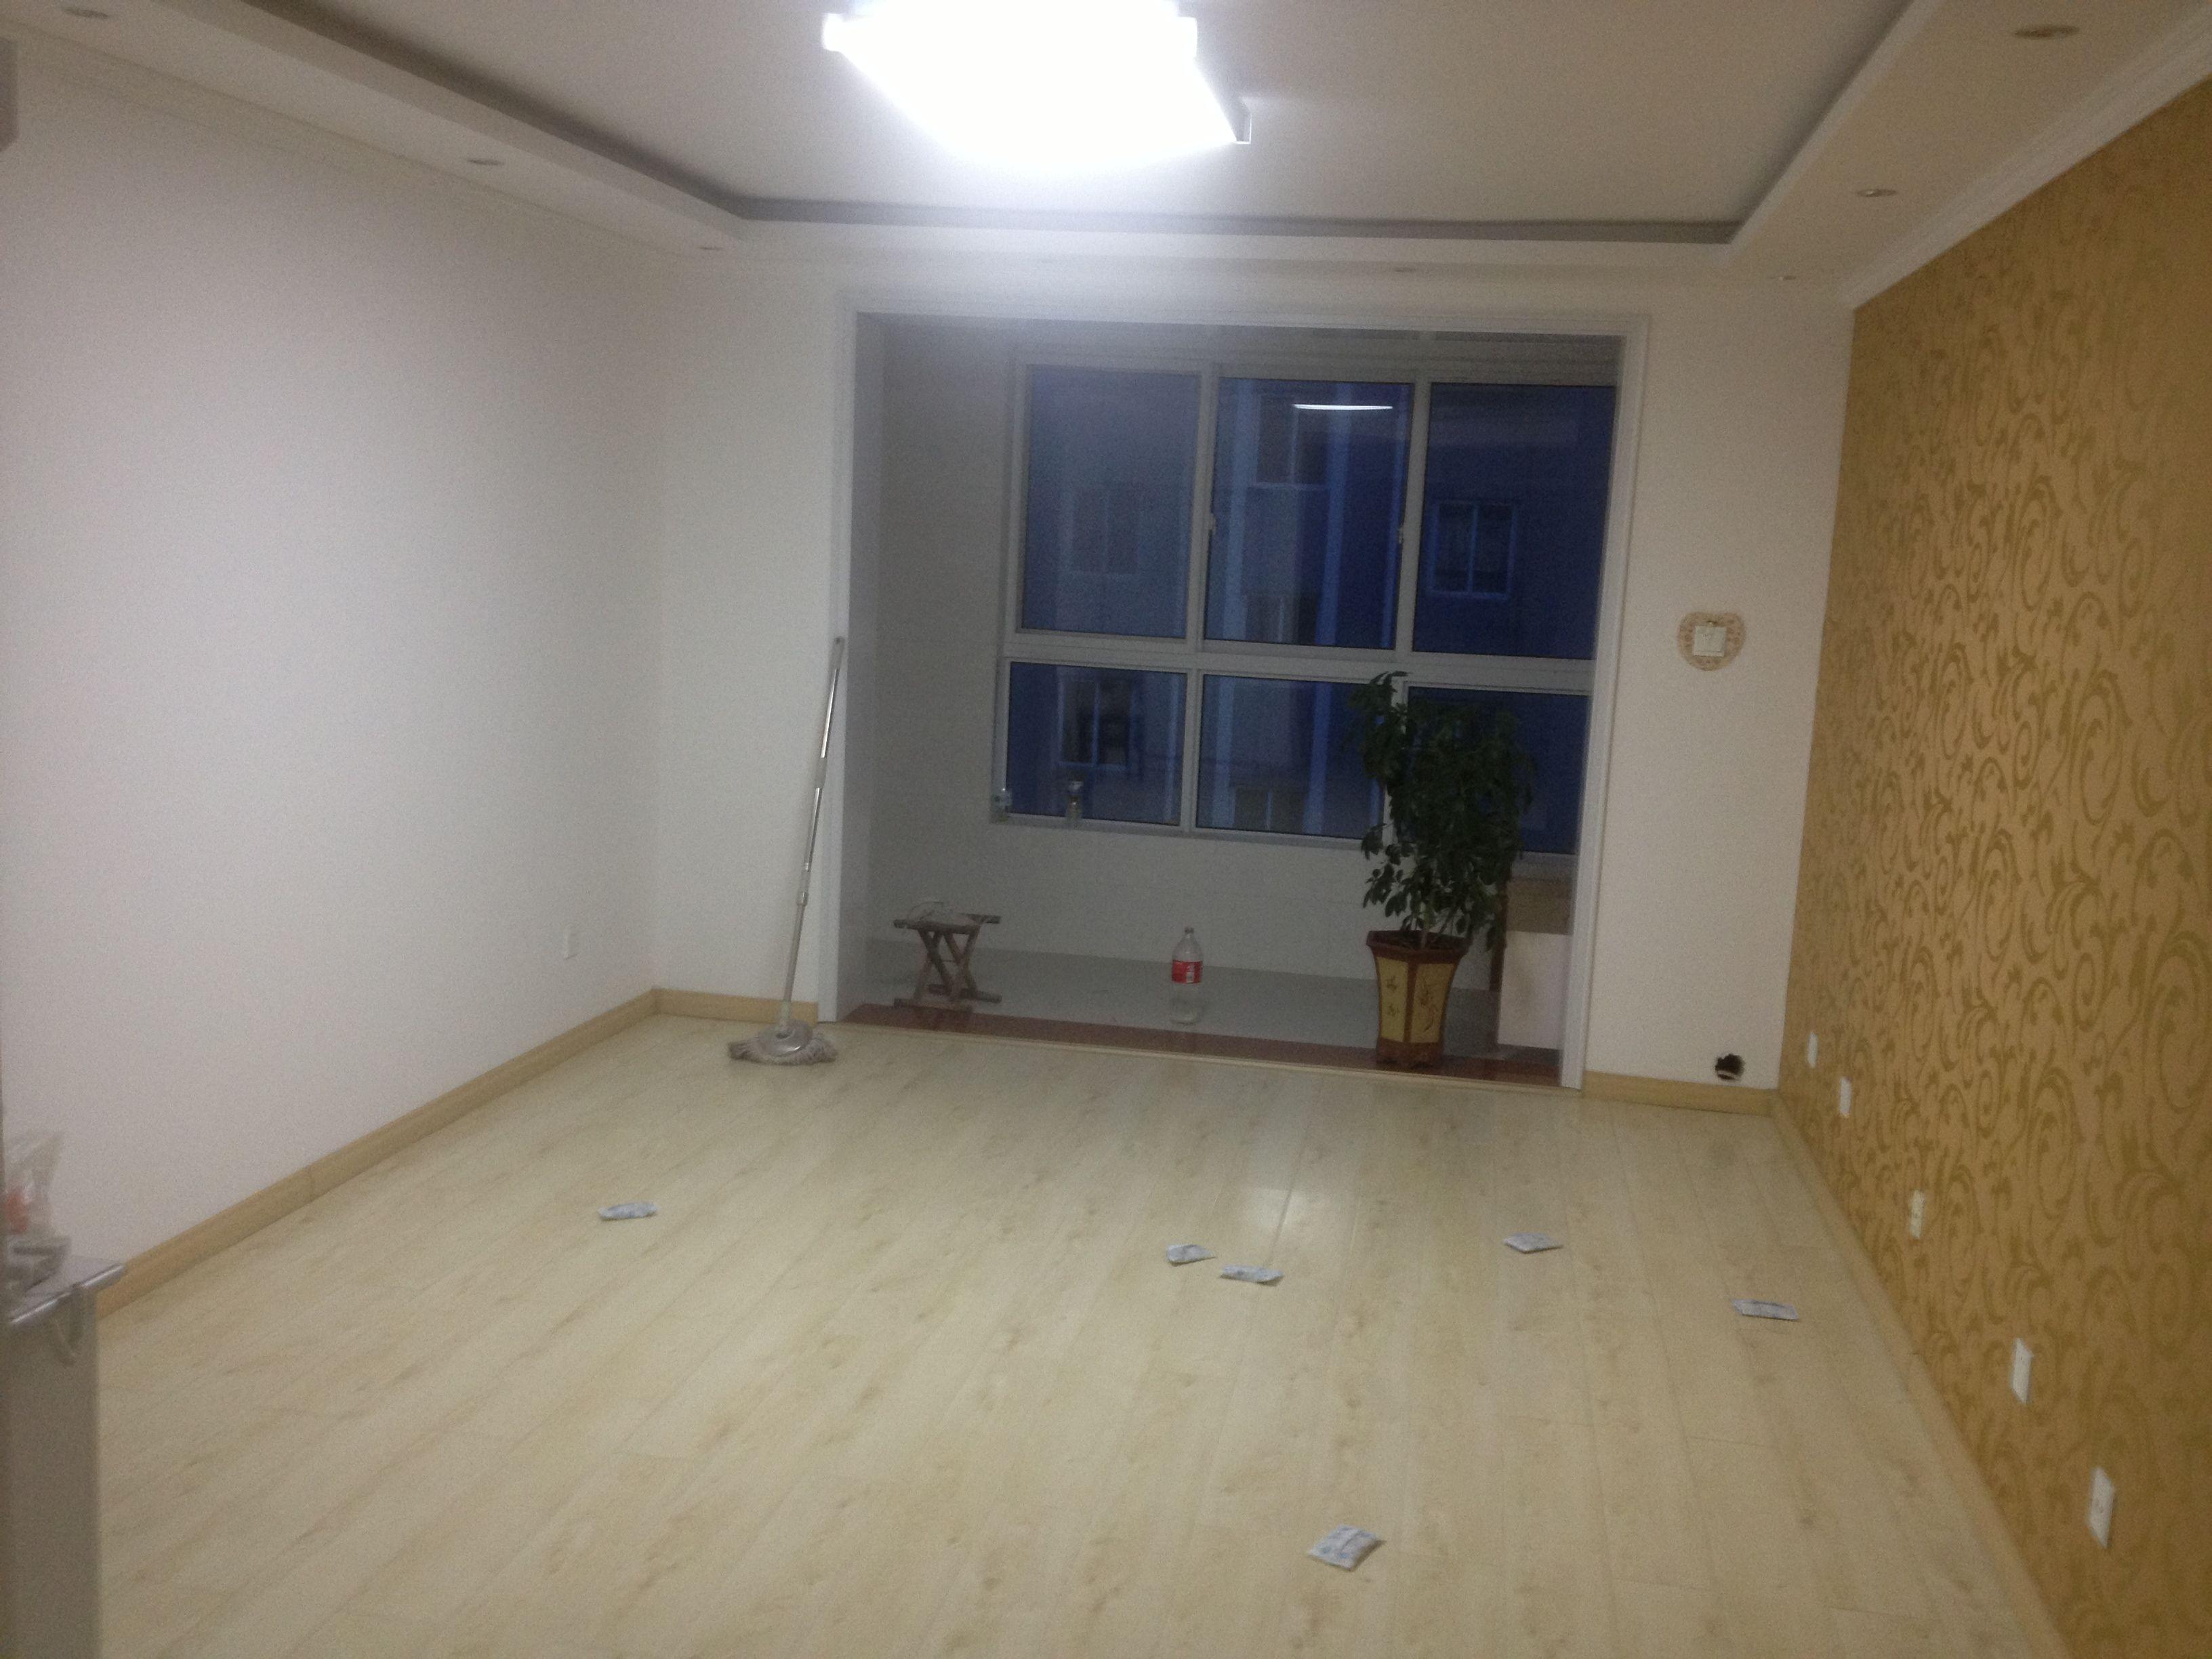 浅胡桃色家具配什么颜色木门和地板好呢 8 2009-09-14 黑胡桃门框白门